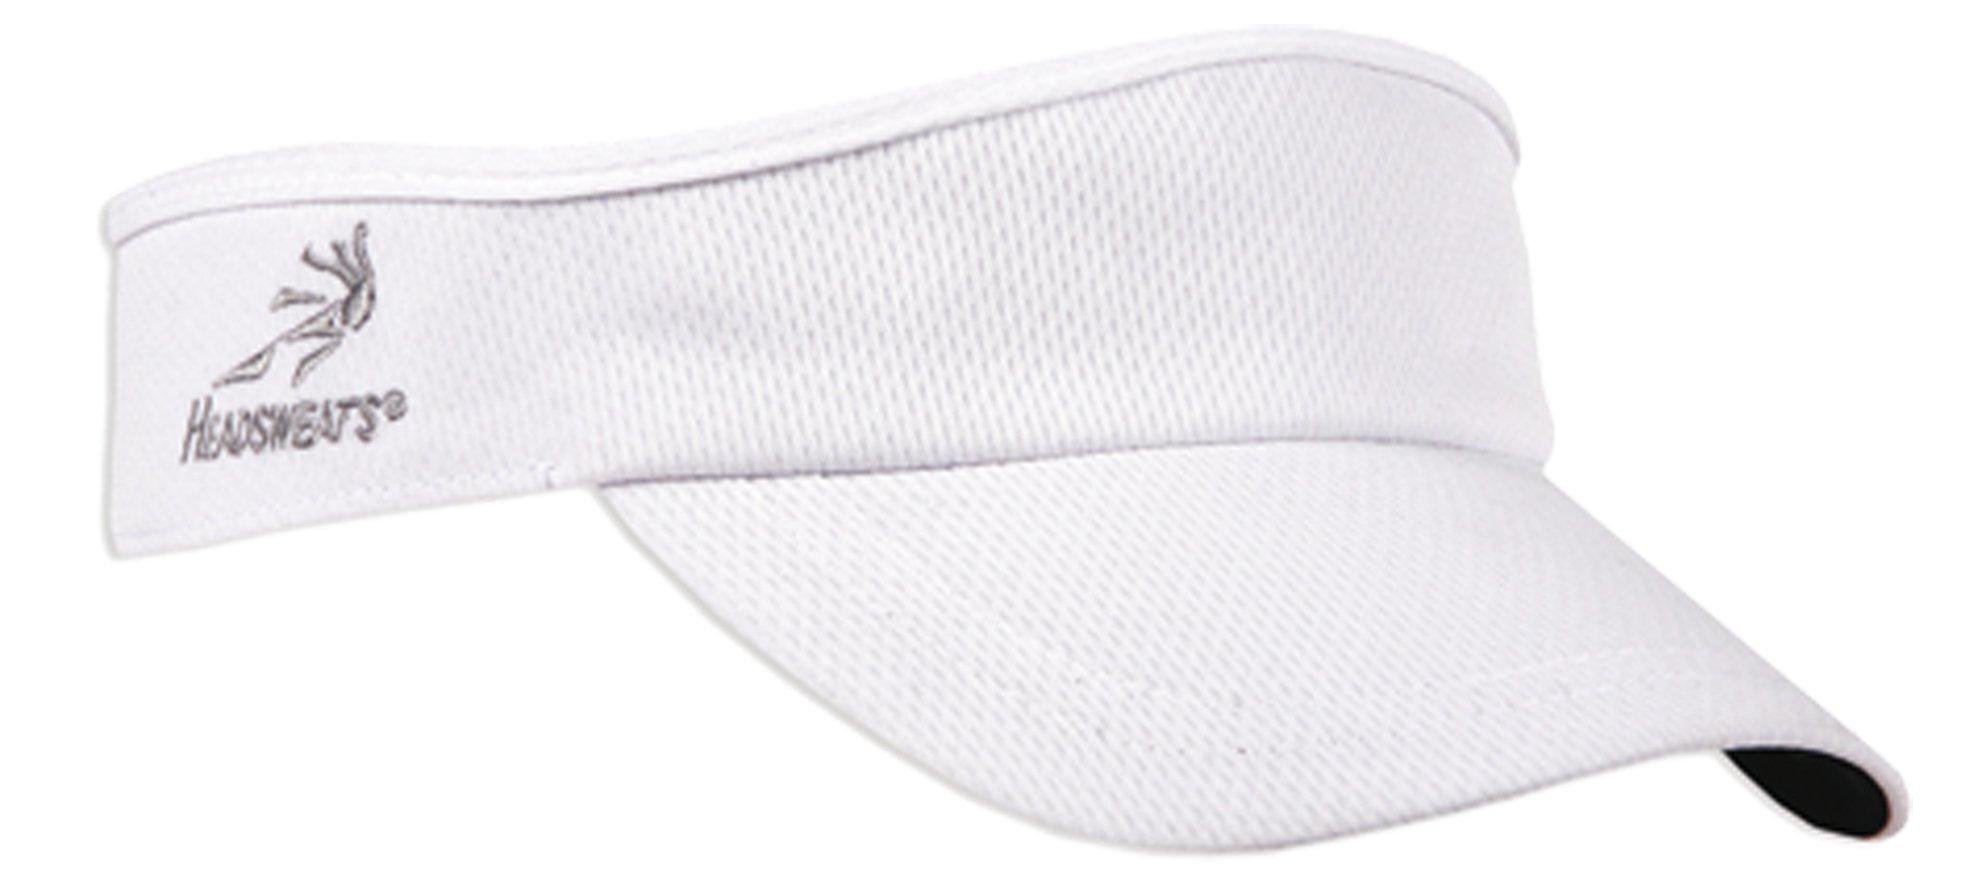 Headsweats Velocity Visor, White,One Size by Headsweats